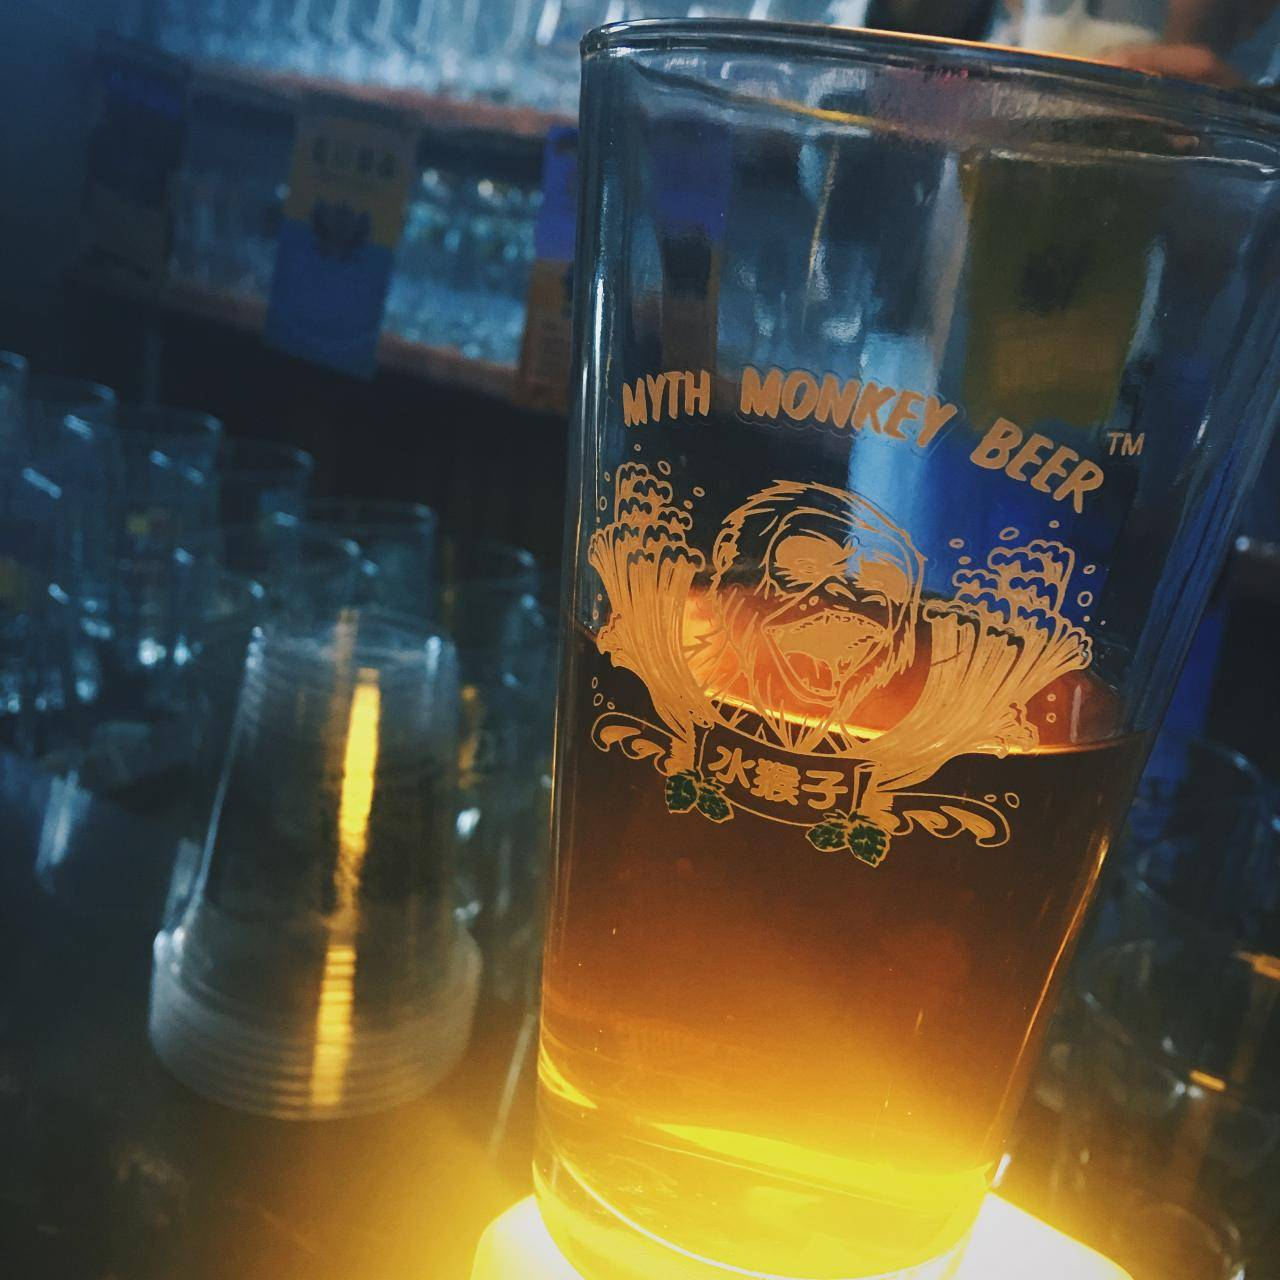 徐州精酿啤酒连锁招商怎么报名-精酿啤酒加盟怎么样?-大麦丫-精酿啤酒连锁超市,工厂店平价酒吧免费加盟